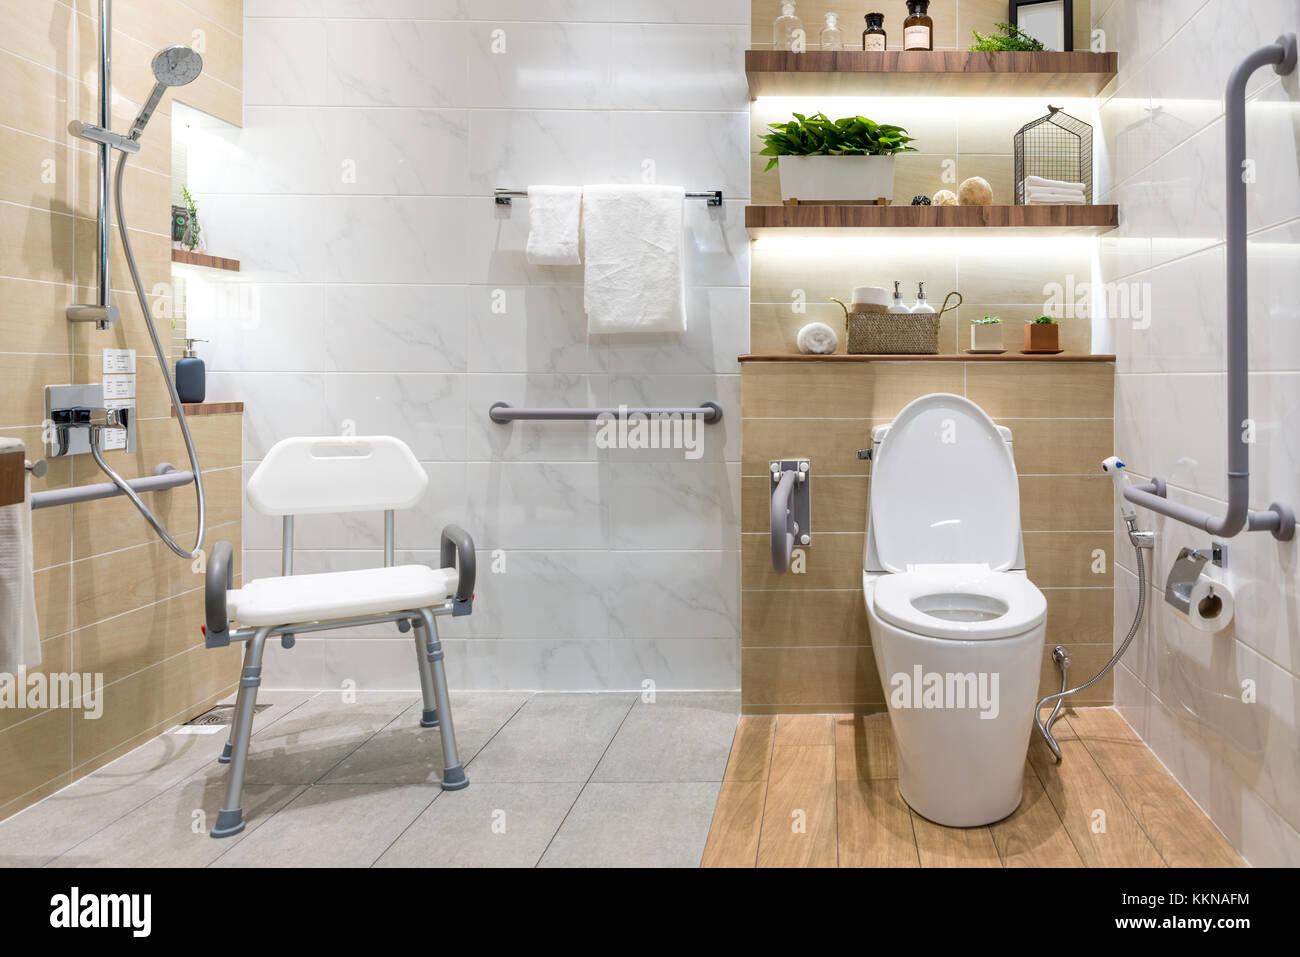 Handrail Bathroom Stock Photos  Handrail Bathroom Stock